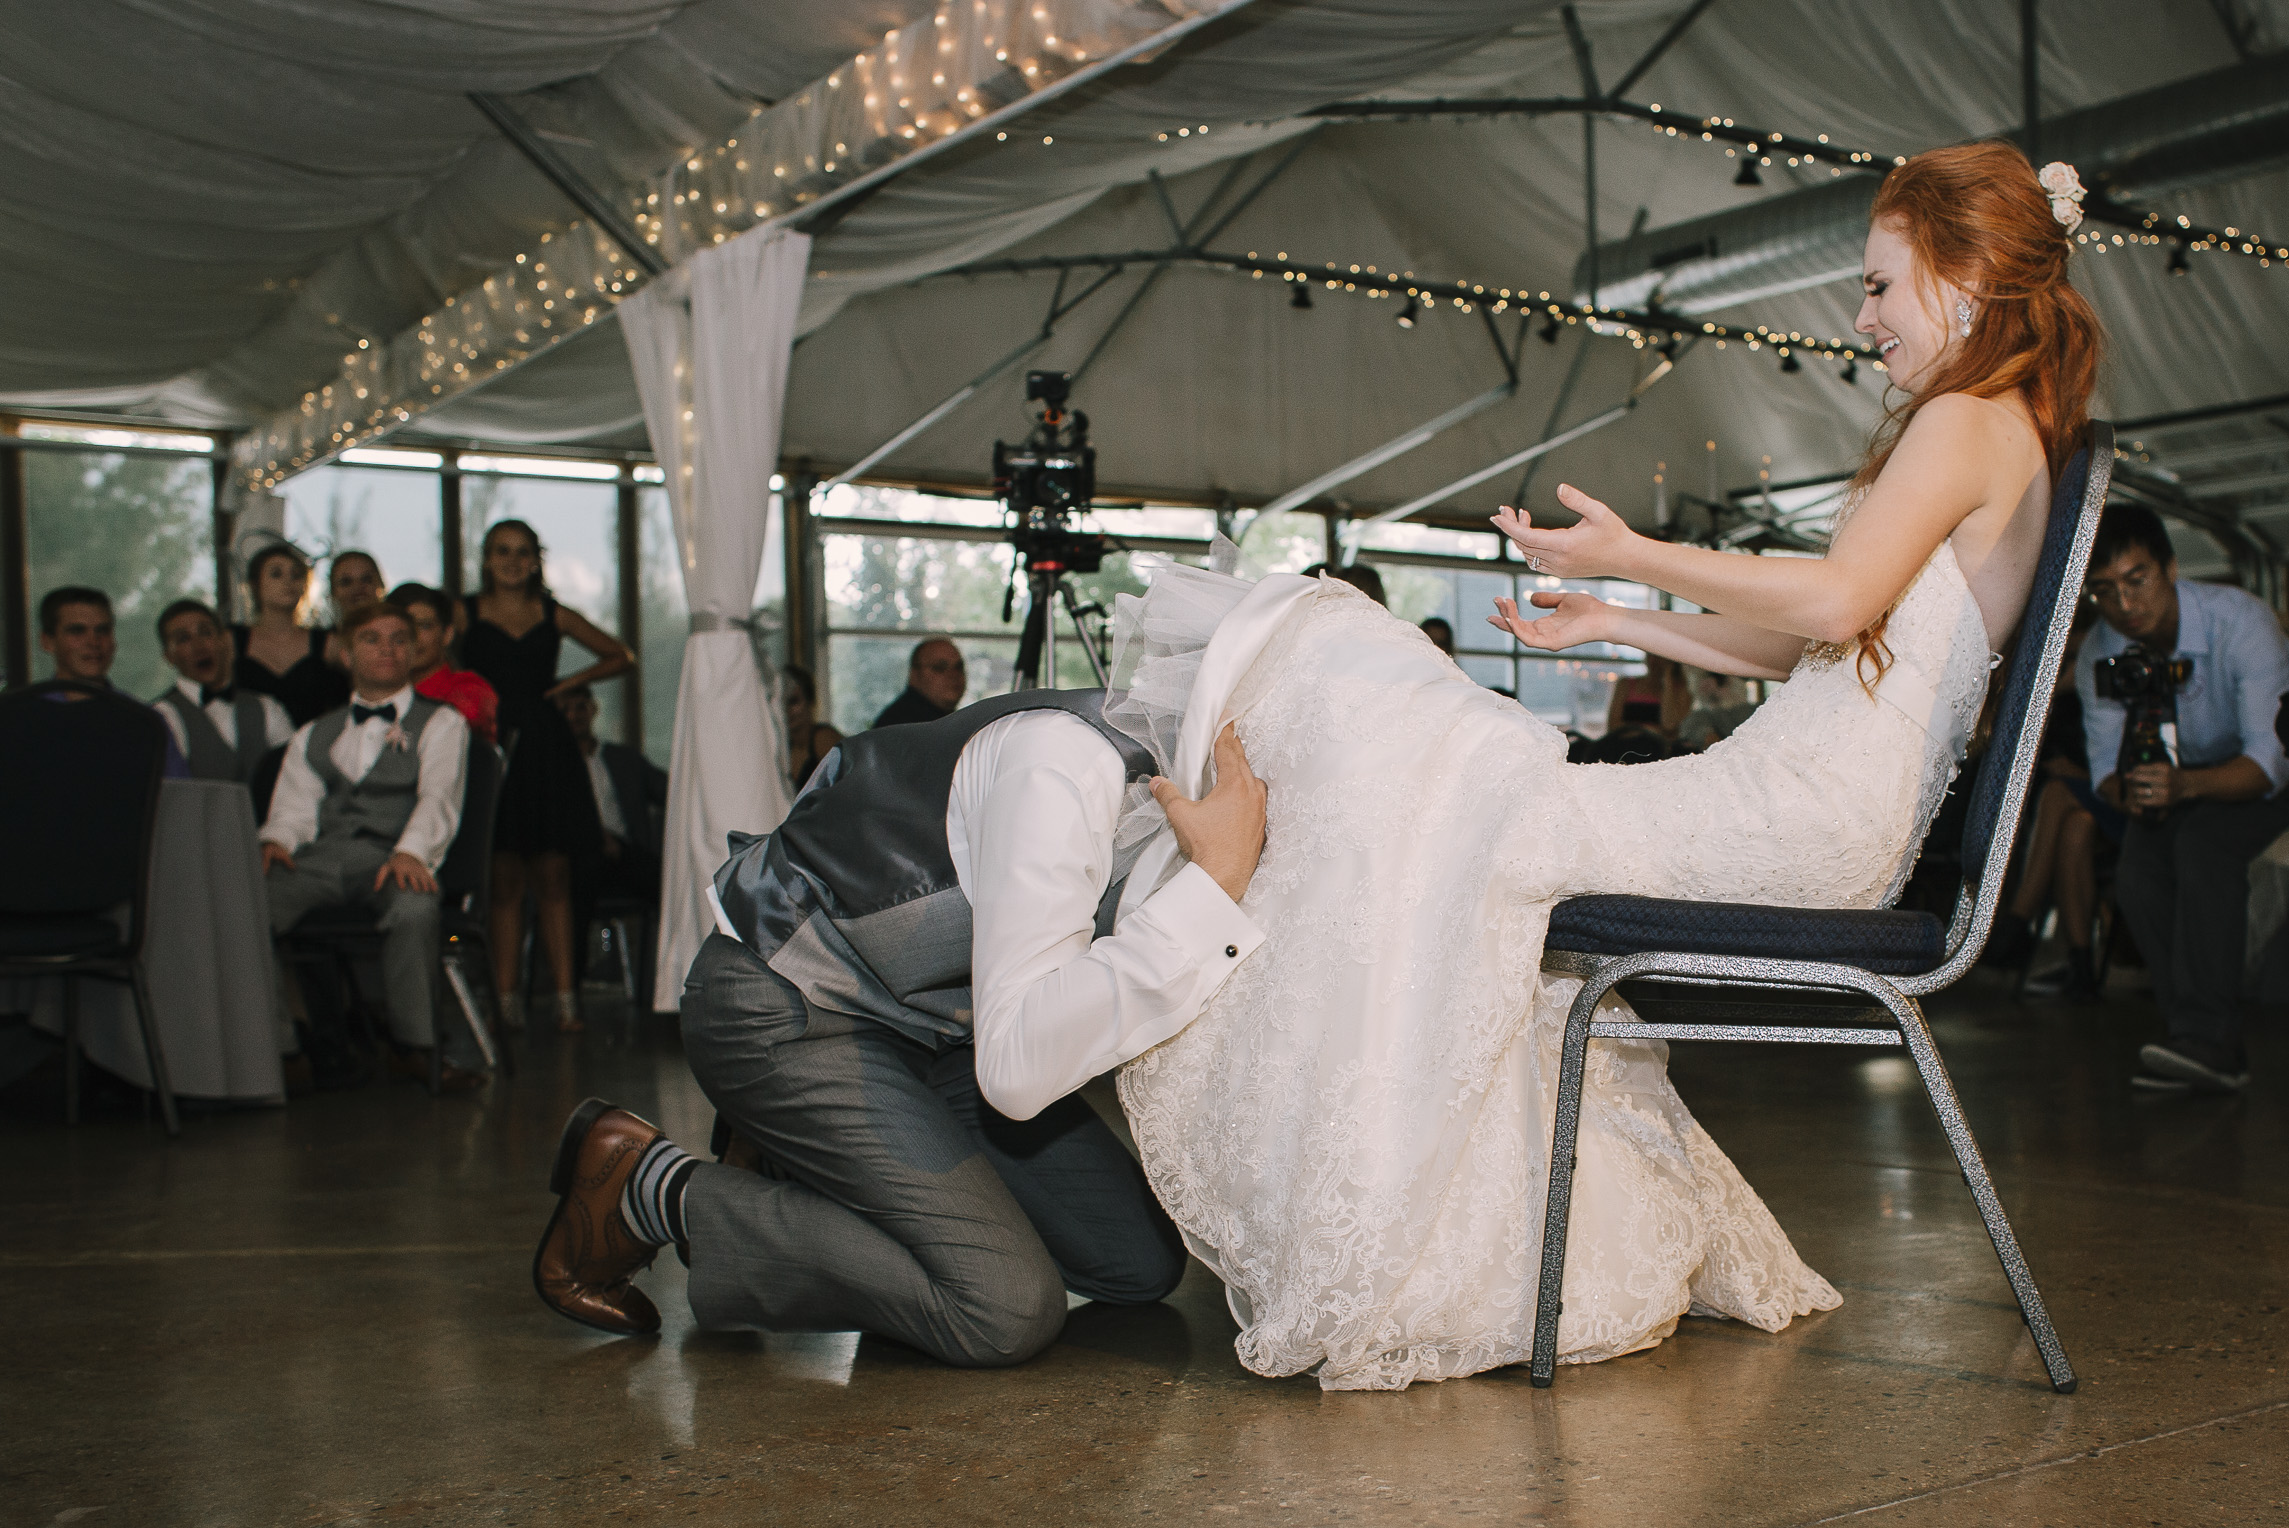 web sized images -- no to print --CALVIN & MCKYLEY WEDDING PHOTOS - COLORADO PHOTOGRAPHER - DEBI RAE PHOTOGRAPHY-2426.jpg